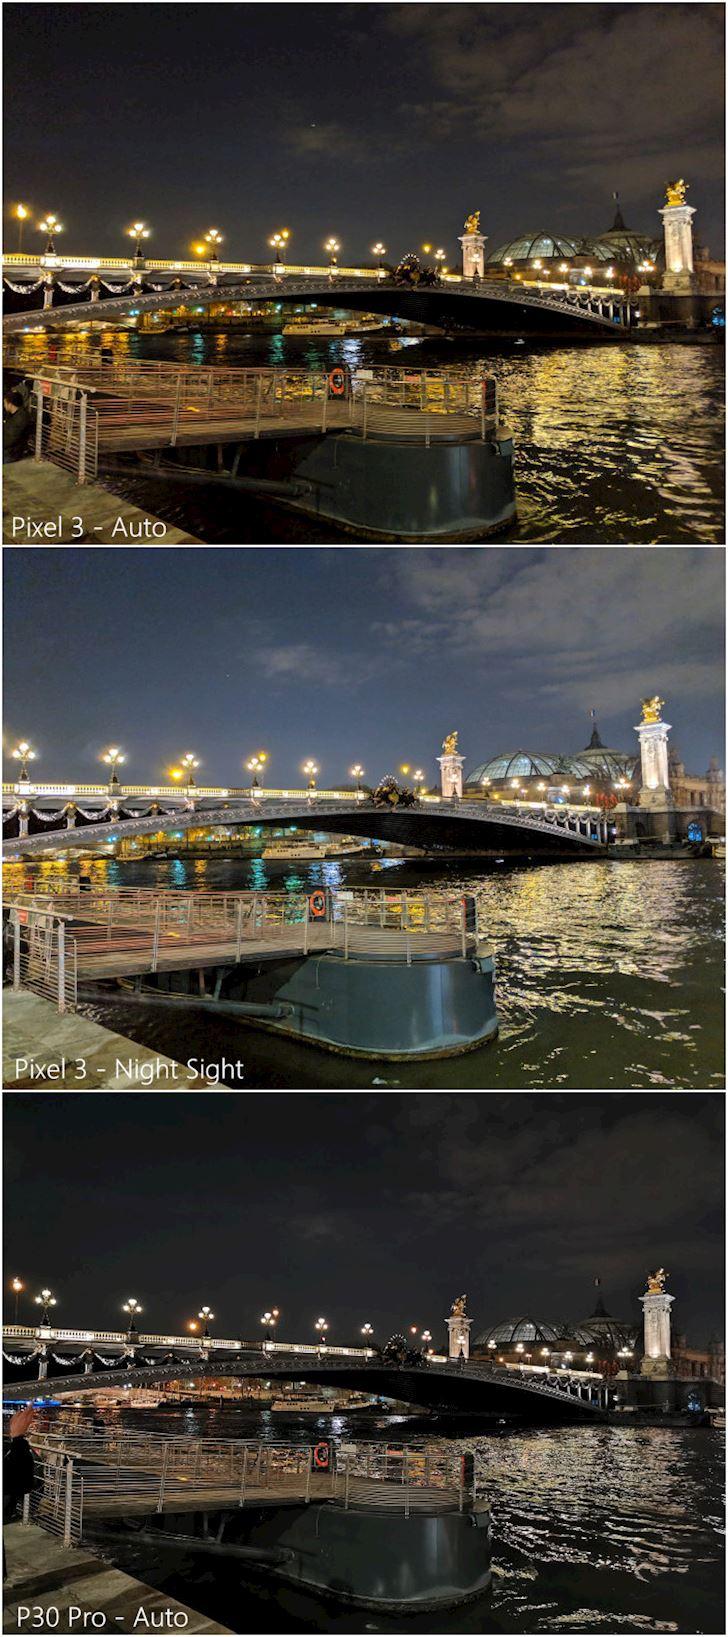 Chụp đêm: 3 camera của Huawei P30 Pro có địch lại 1 camera của Pixel 3?